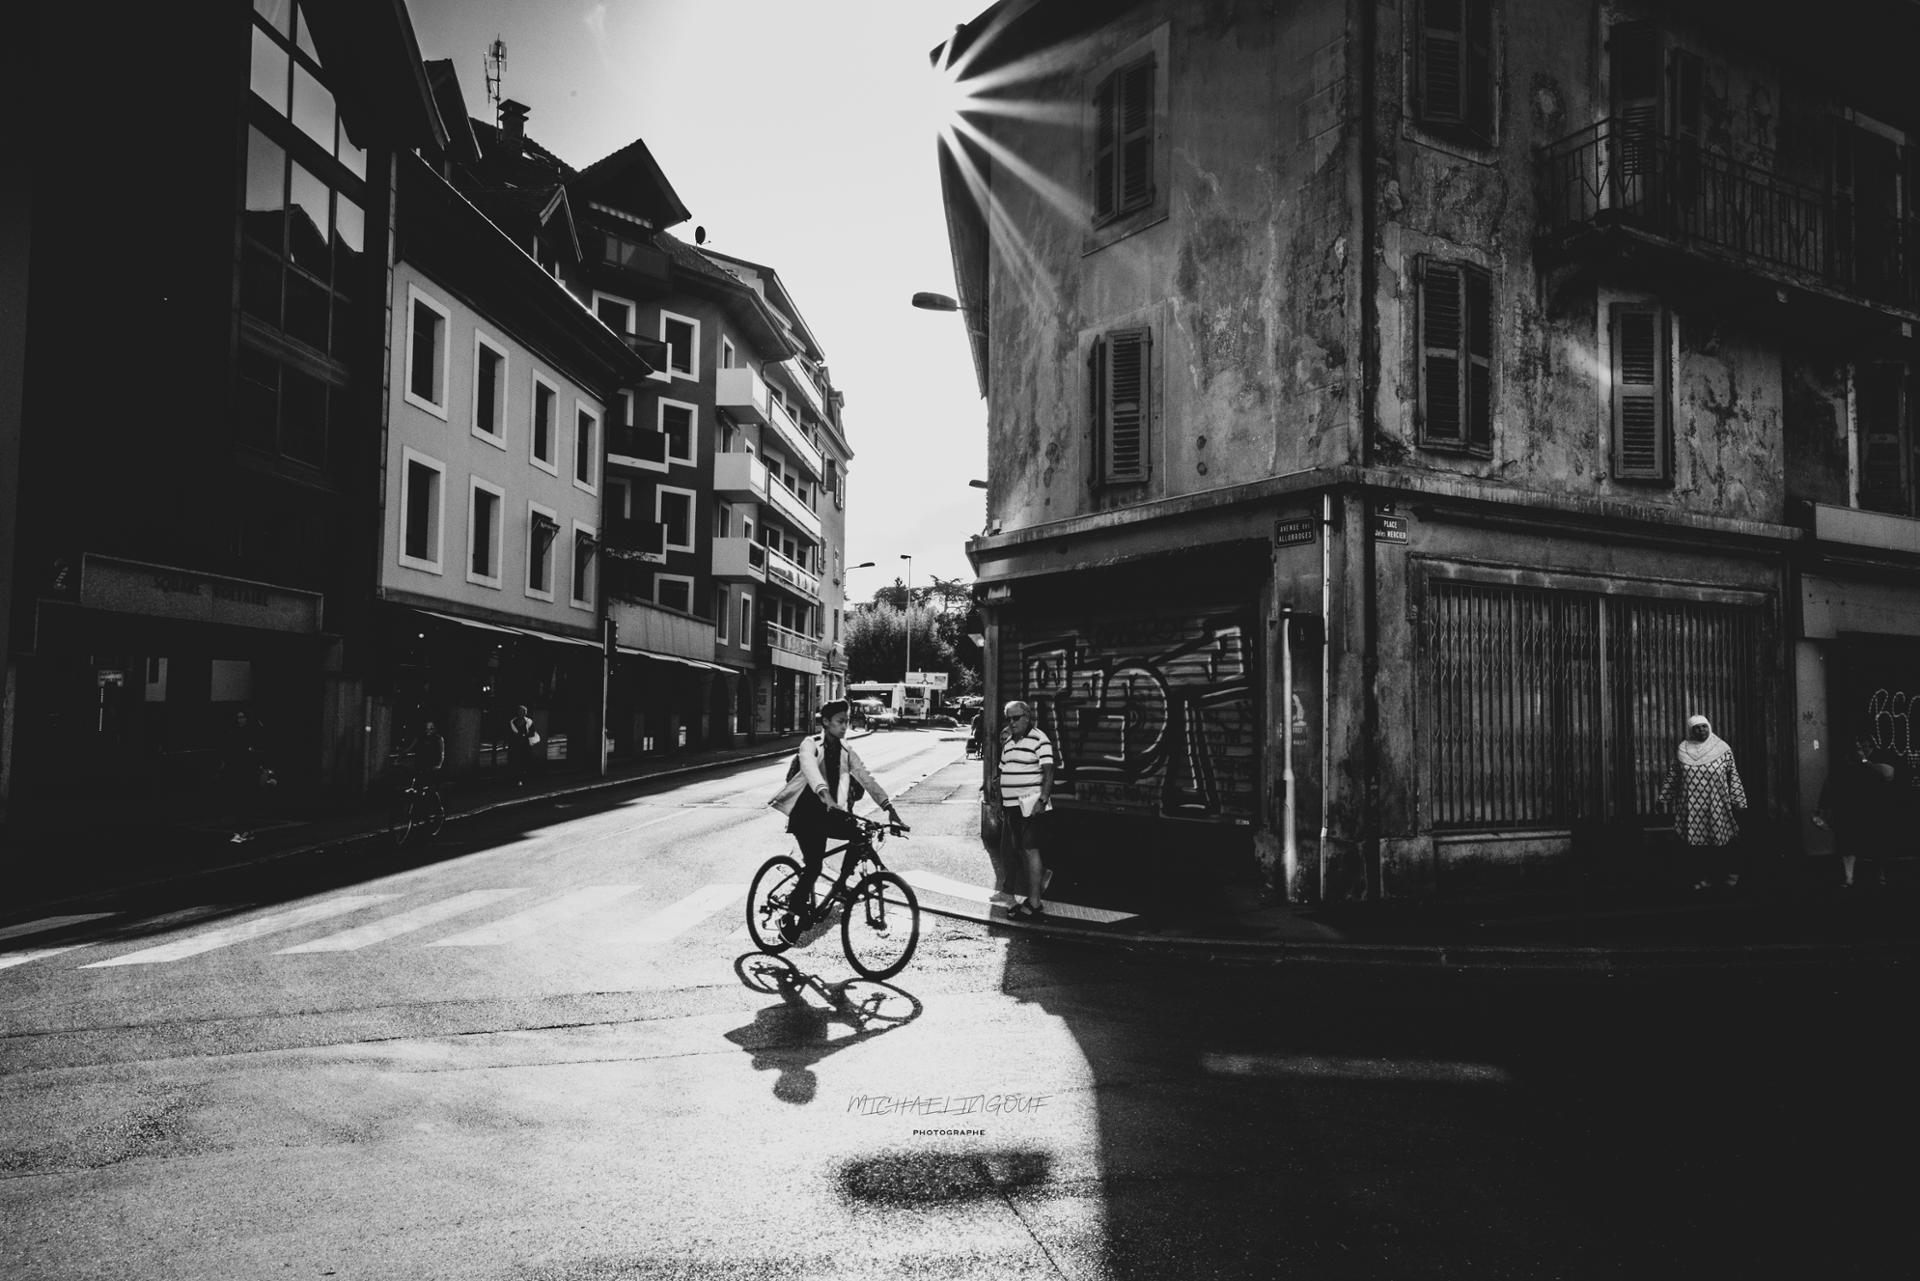 Velo in the street